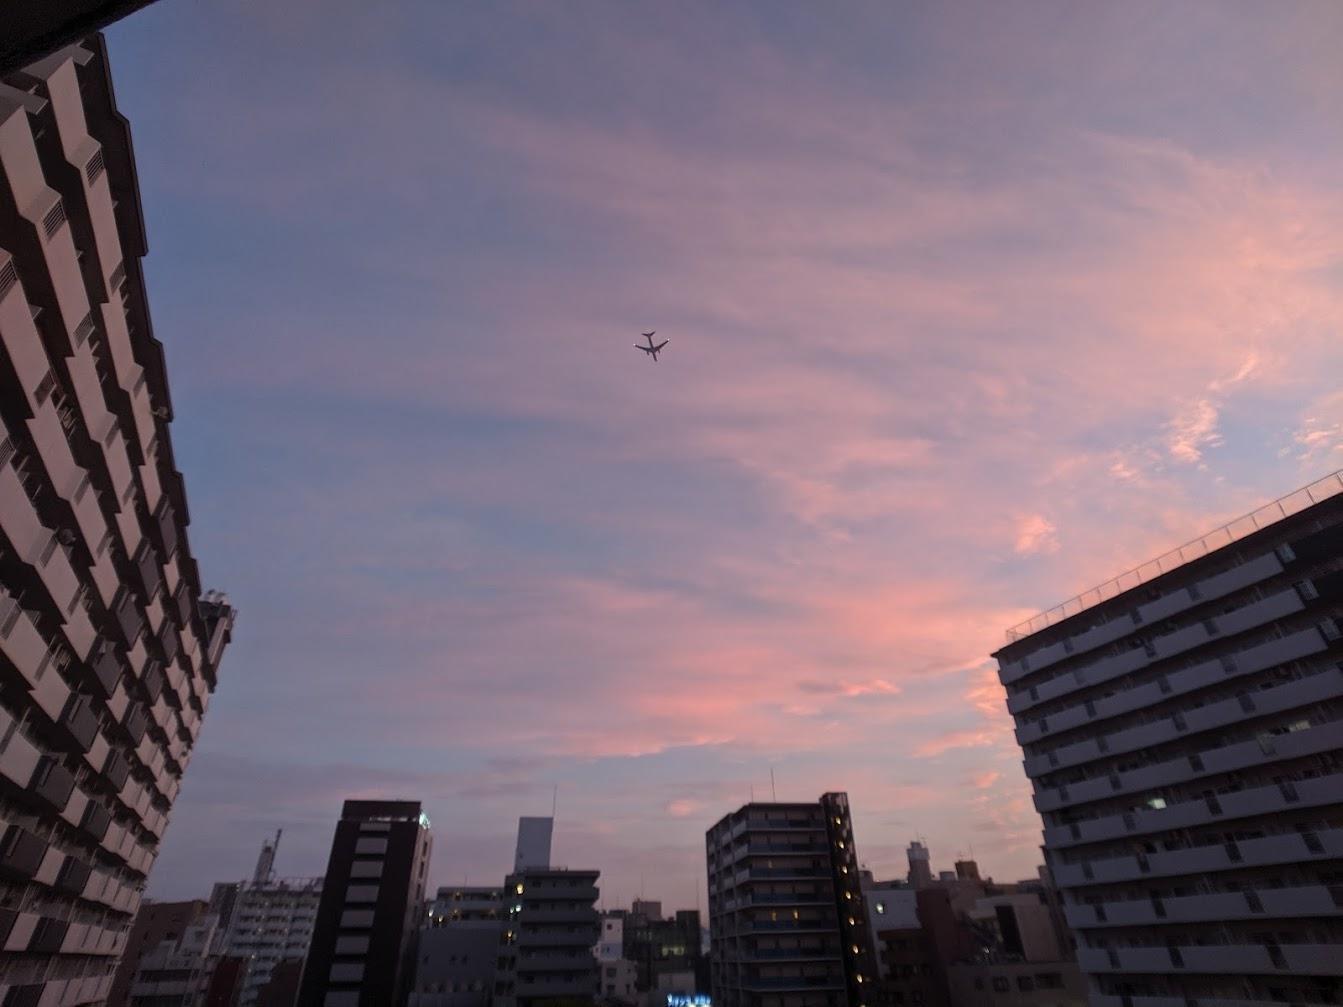 Днём над домом по субботам летают самолёты, нам нравится